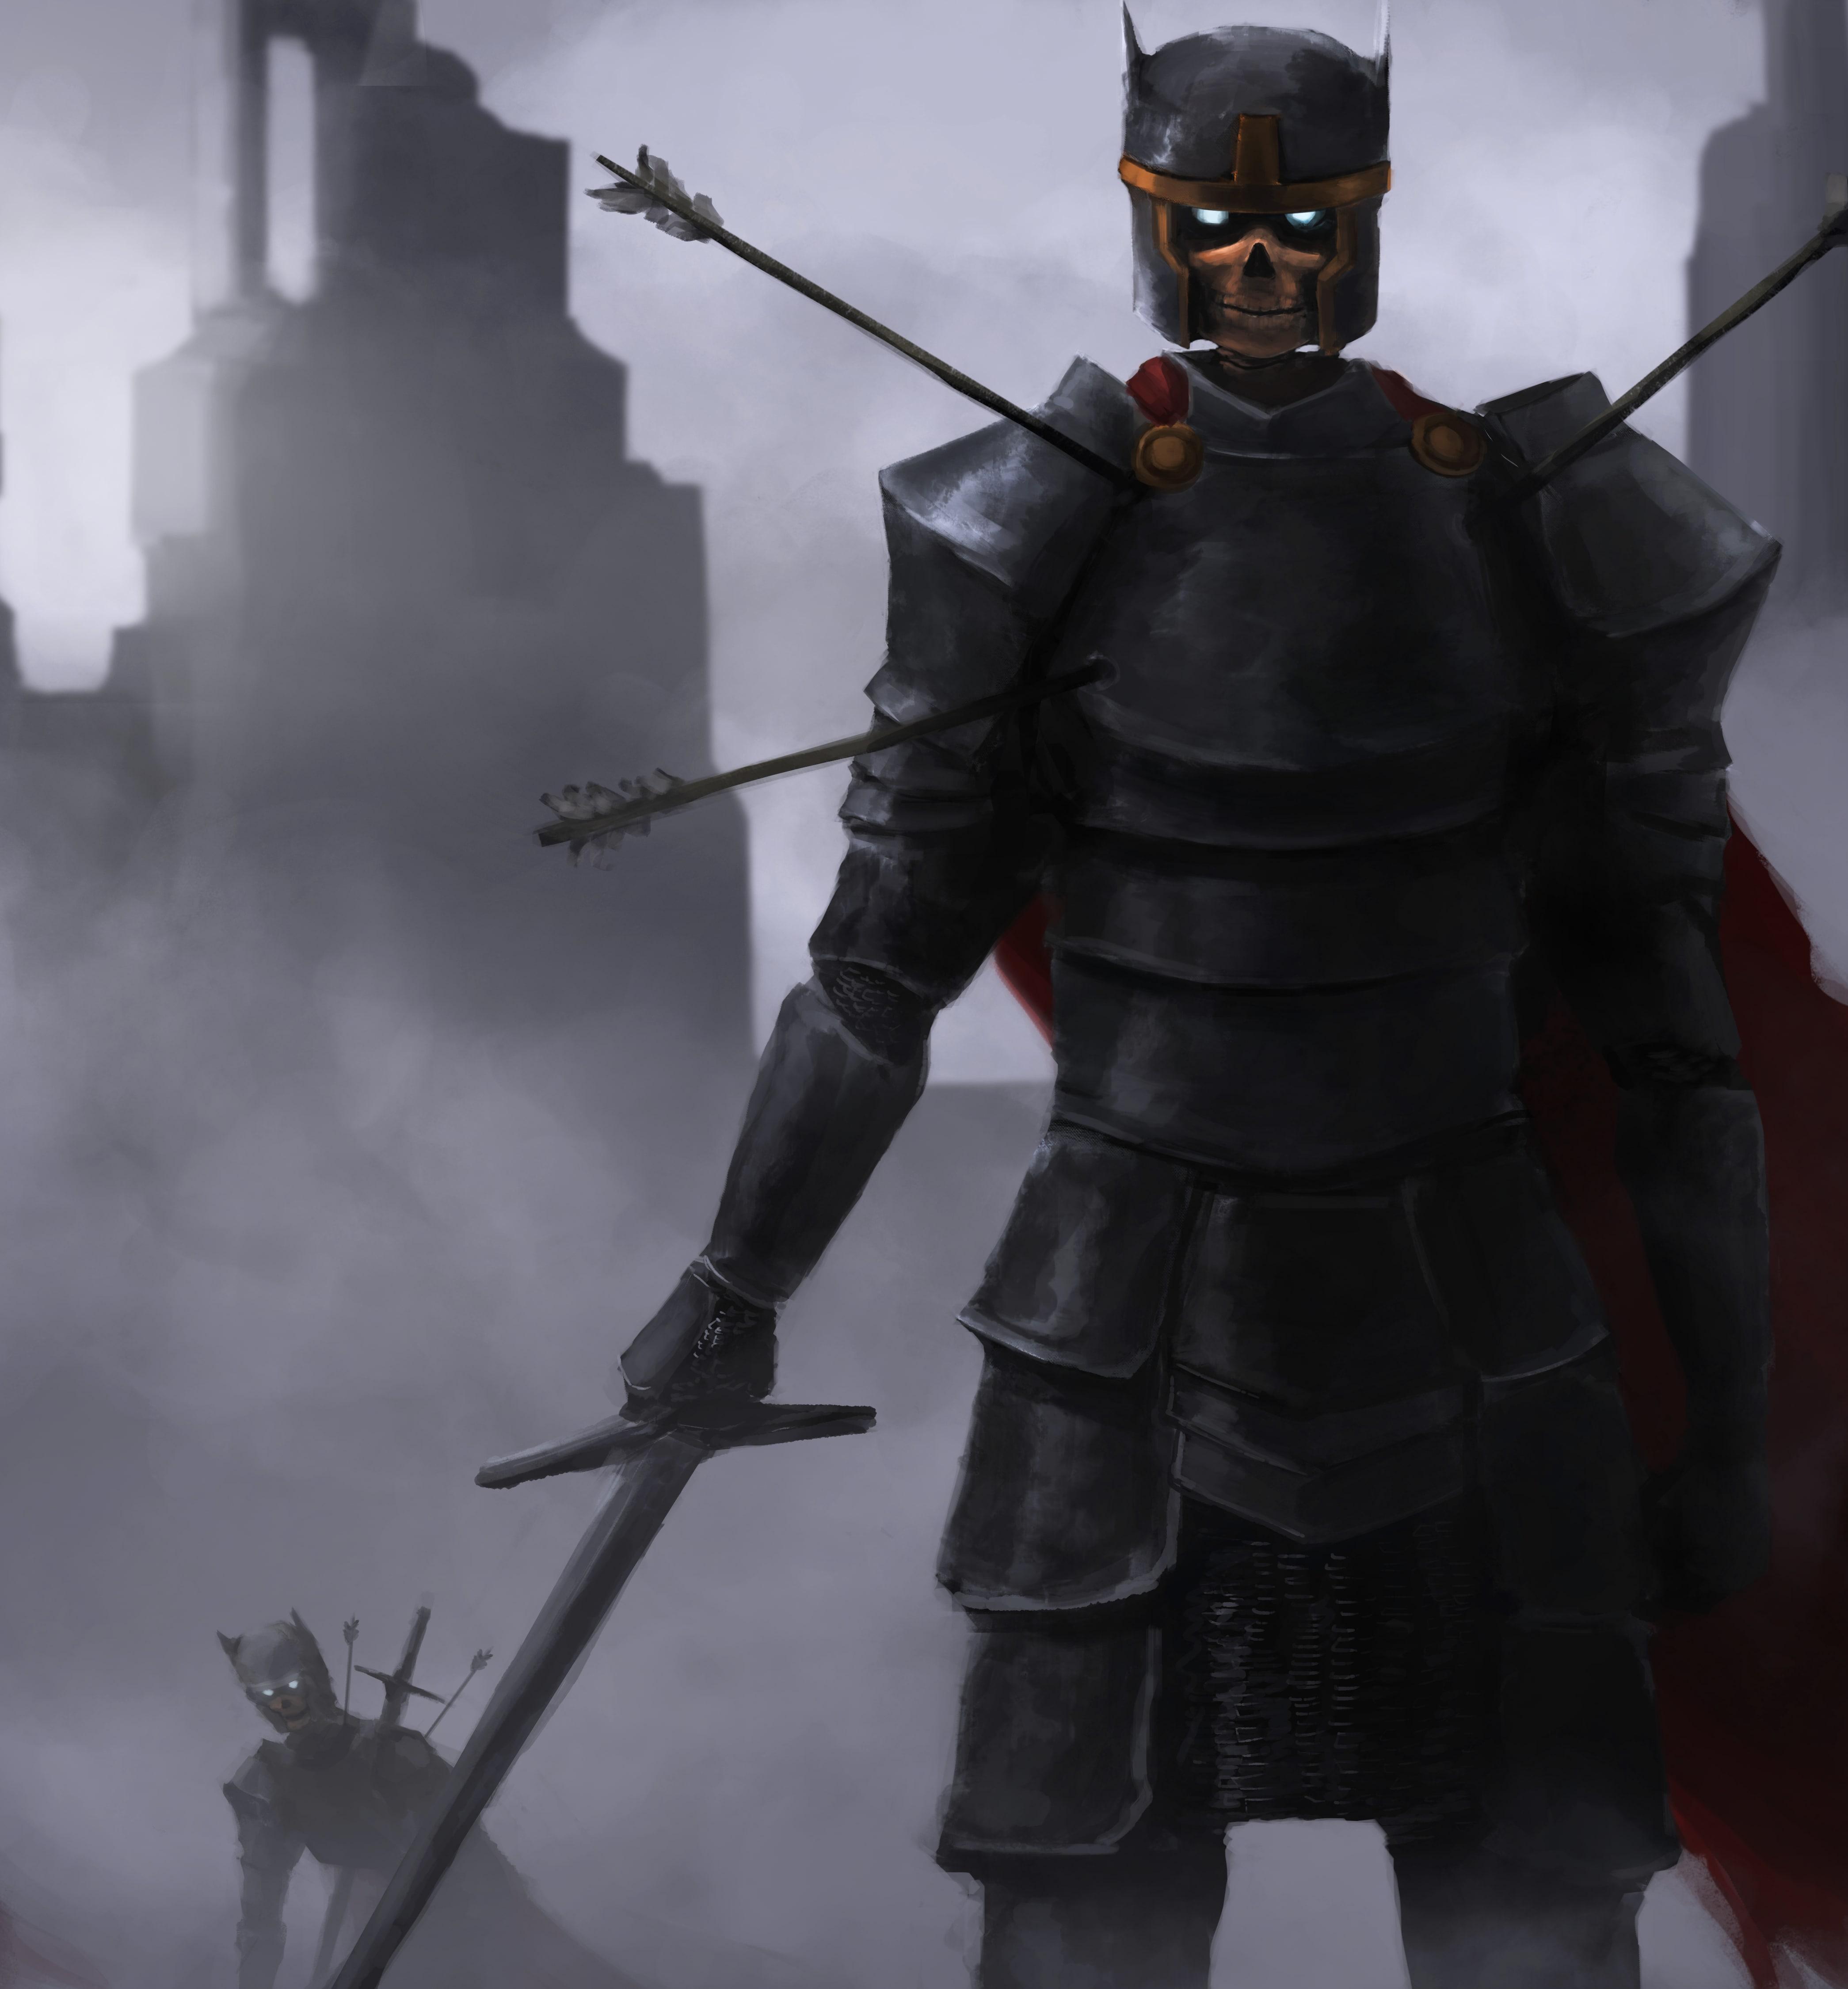 Warrior by Felipe Yoon